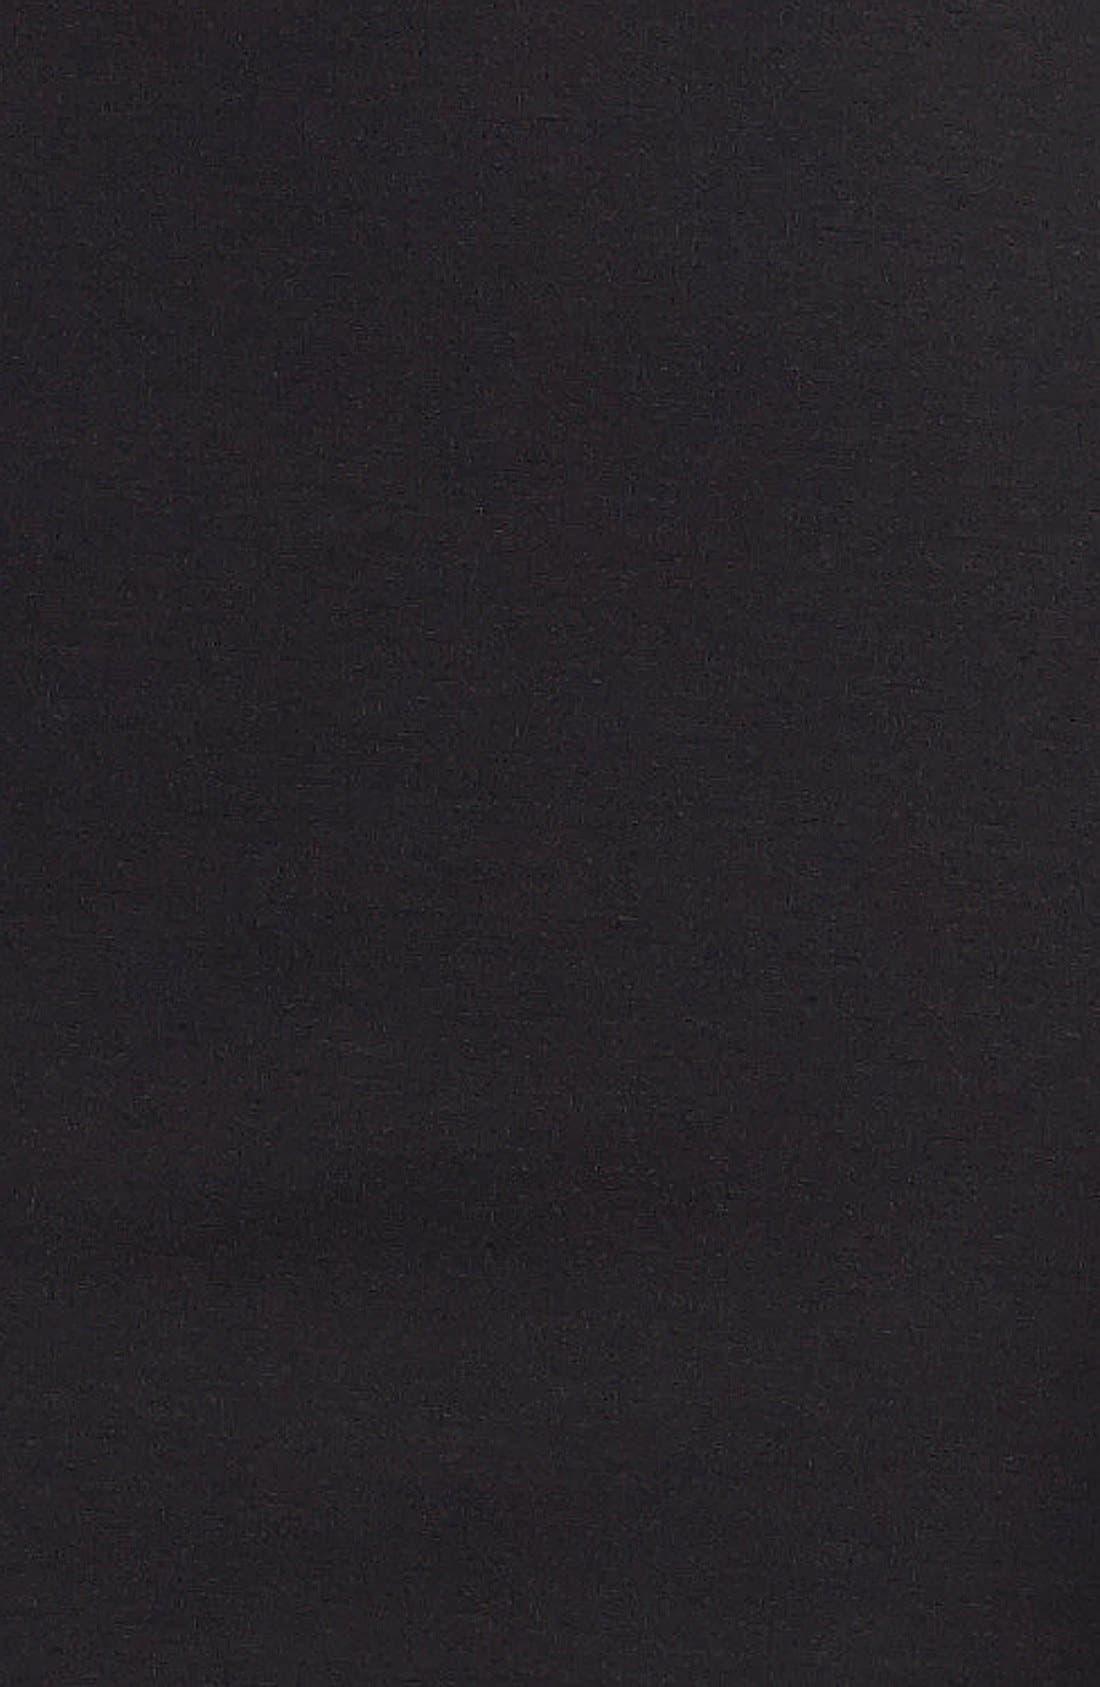 Faux Leather Trim Sheath Dress,                             Alternate thumbnail 2, color,                             001